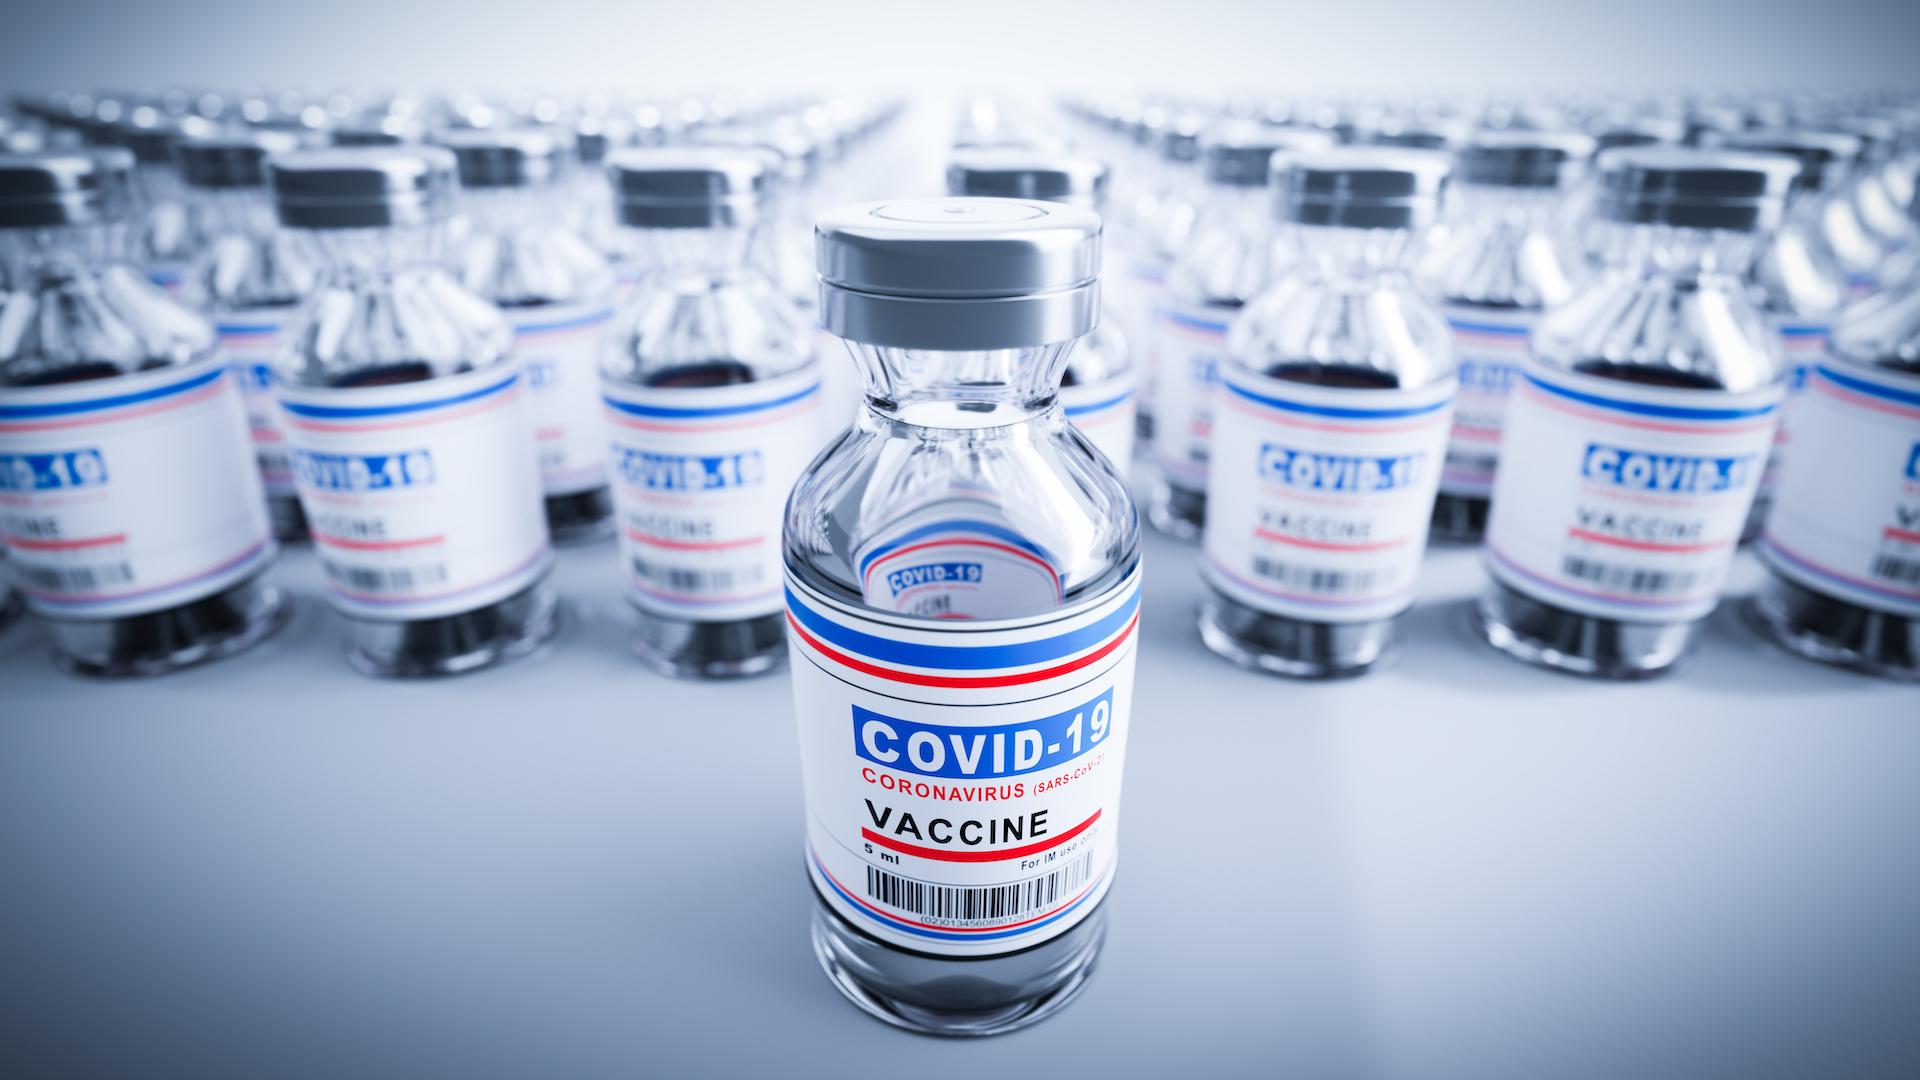 Si se está vacunado contra el COVID-19, no habrá que hacer cuarentena